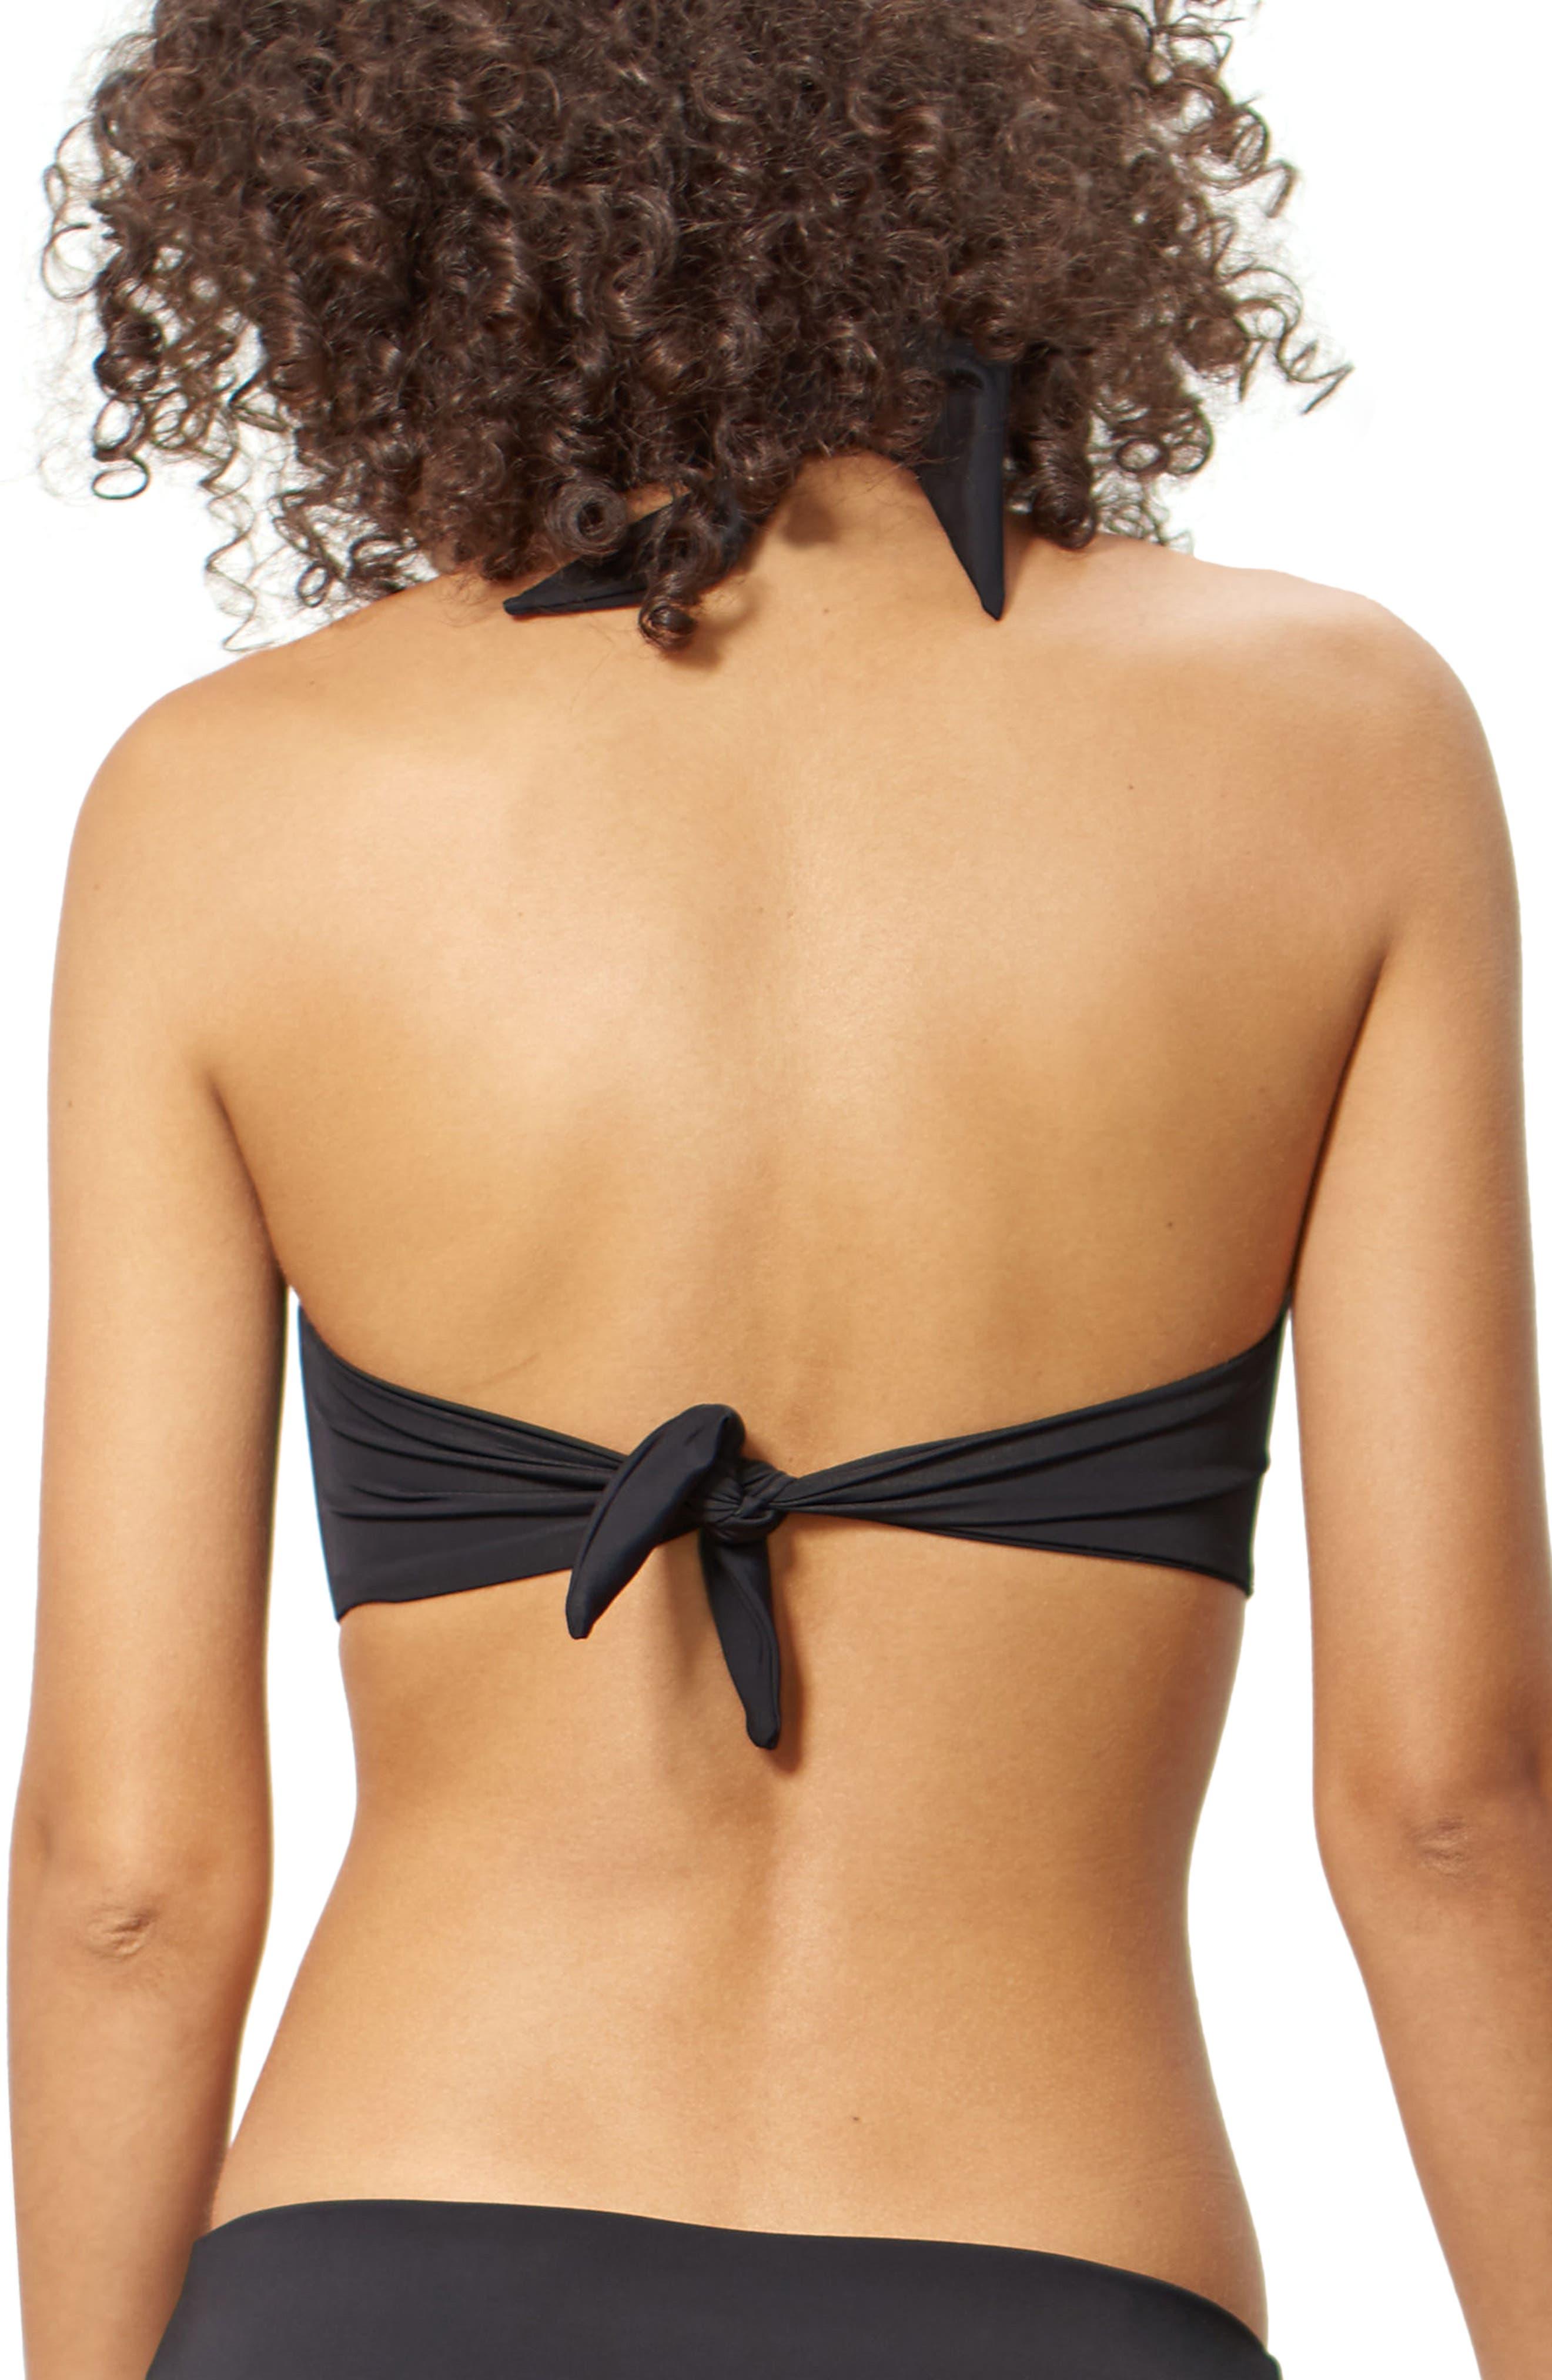 Odette Bikini Top,                             Alternate thumbnail 2, color,                             Black